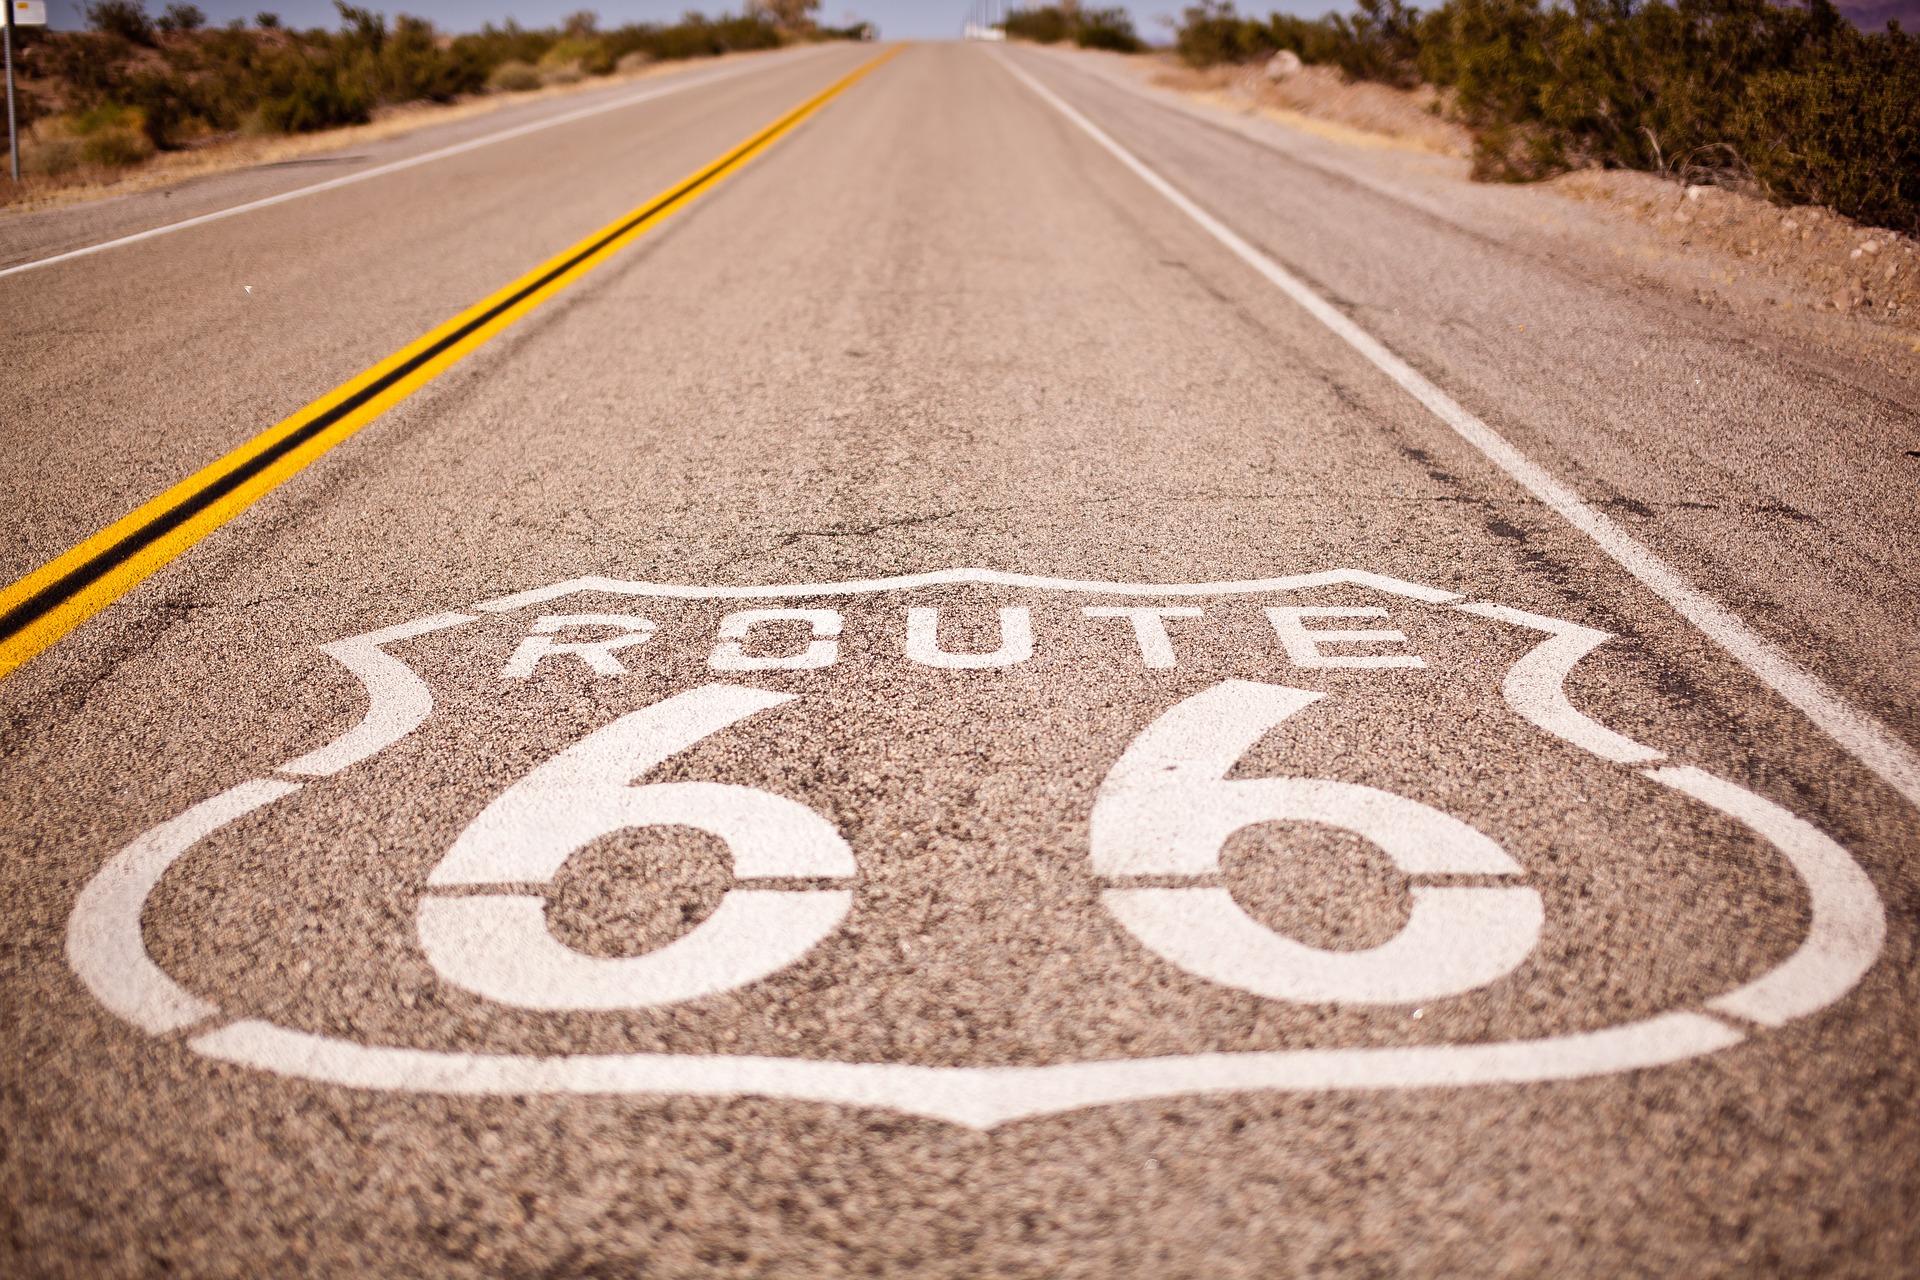 Comment organiser son voyage à moto sur la Route 66 ?